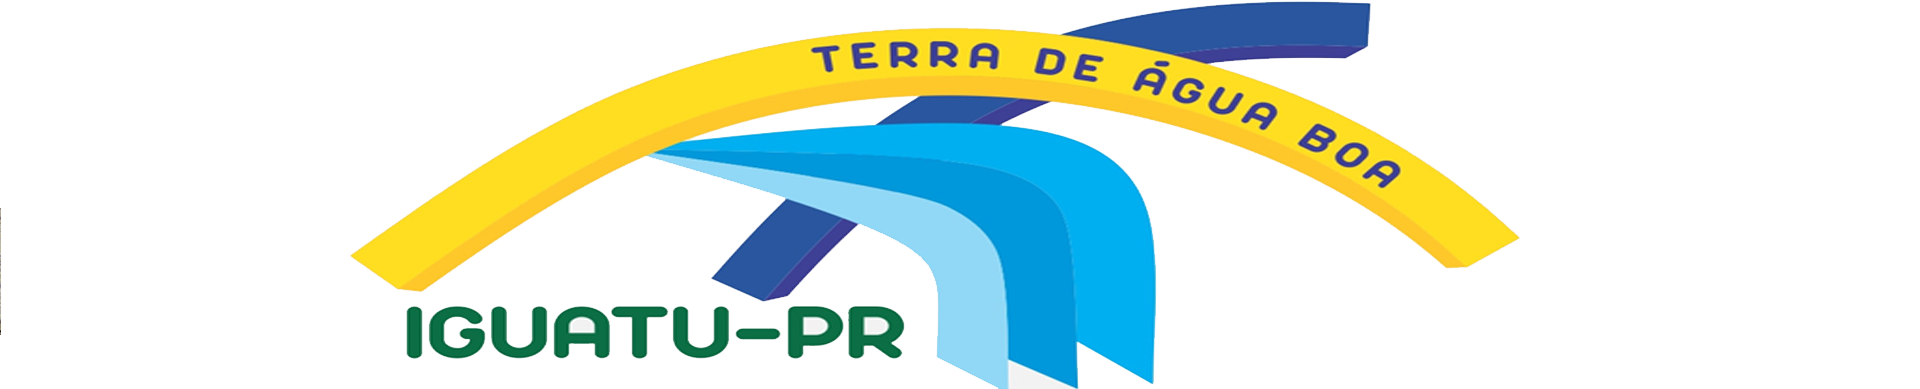 Iguatu-PR